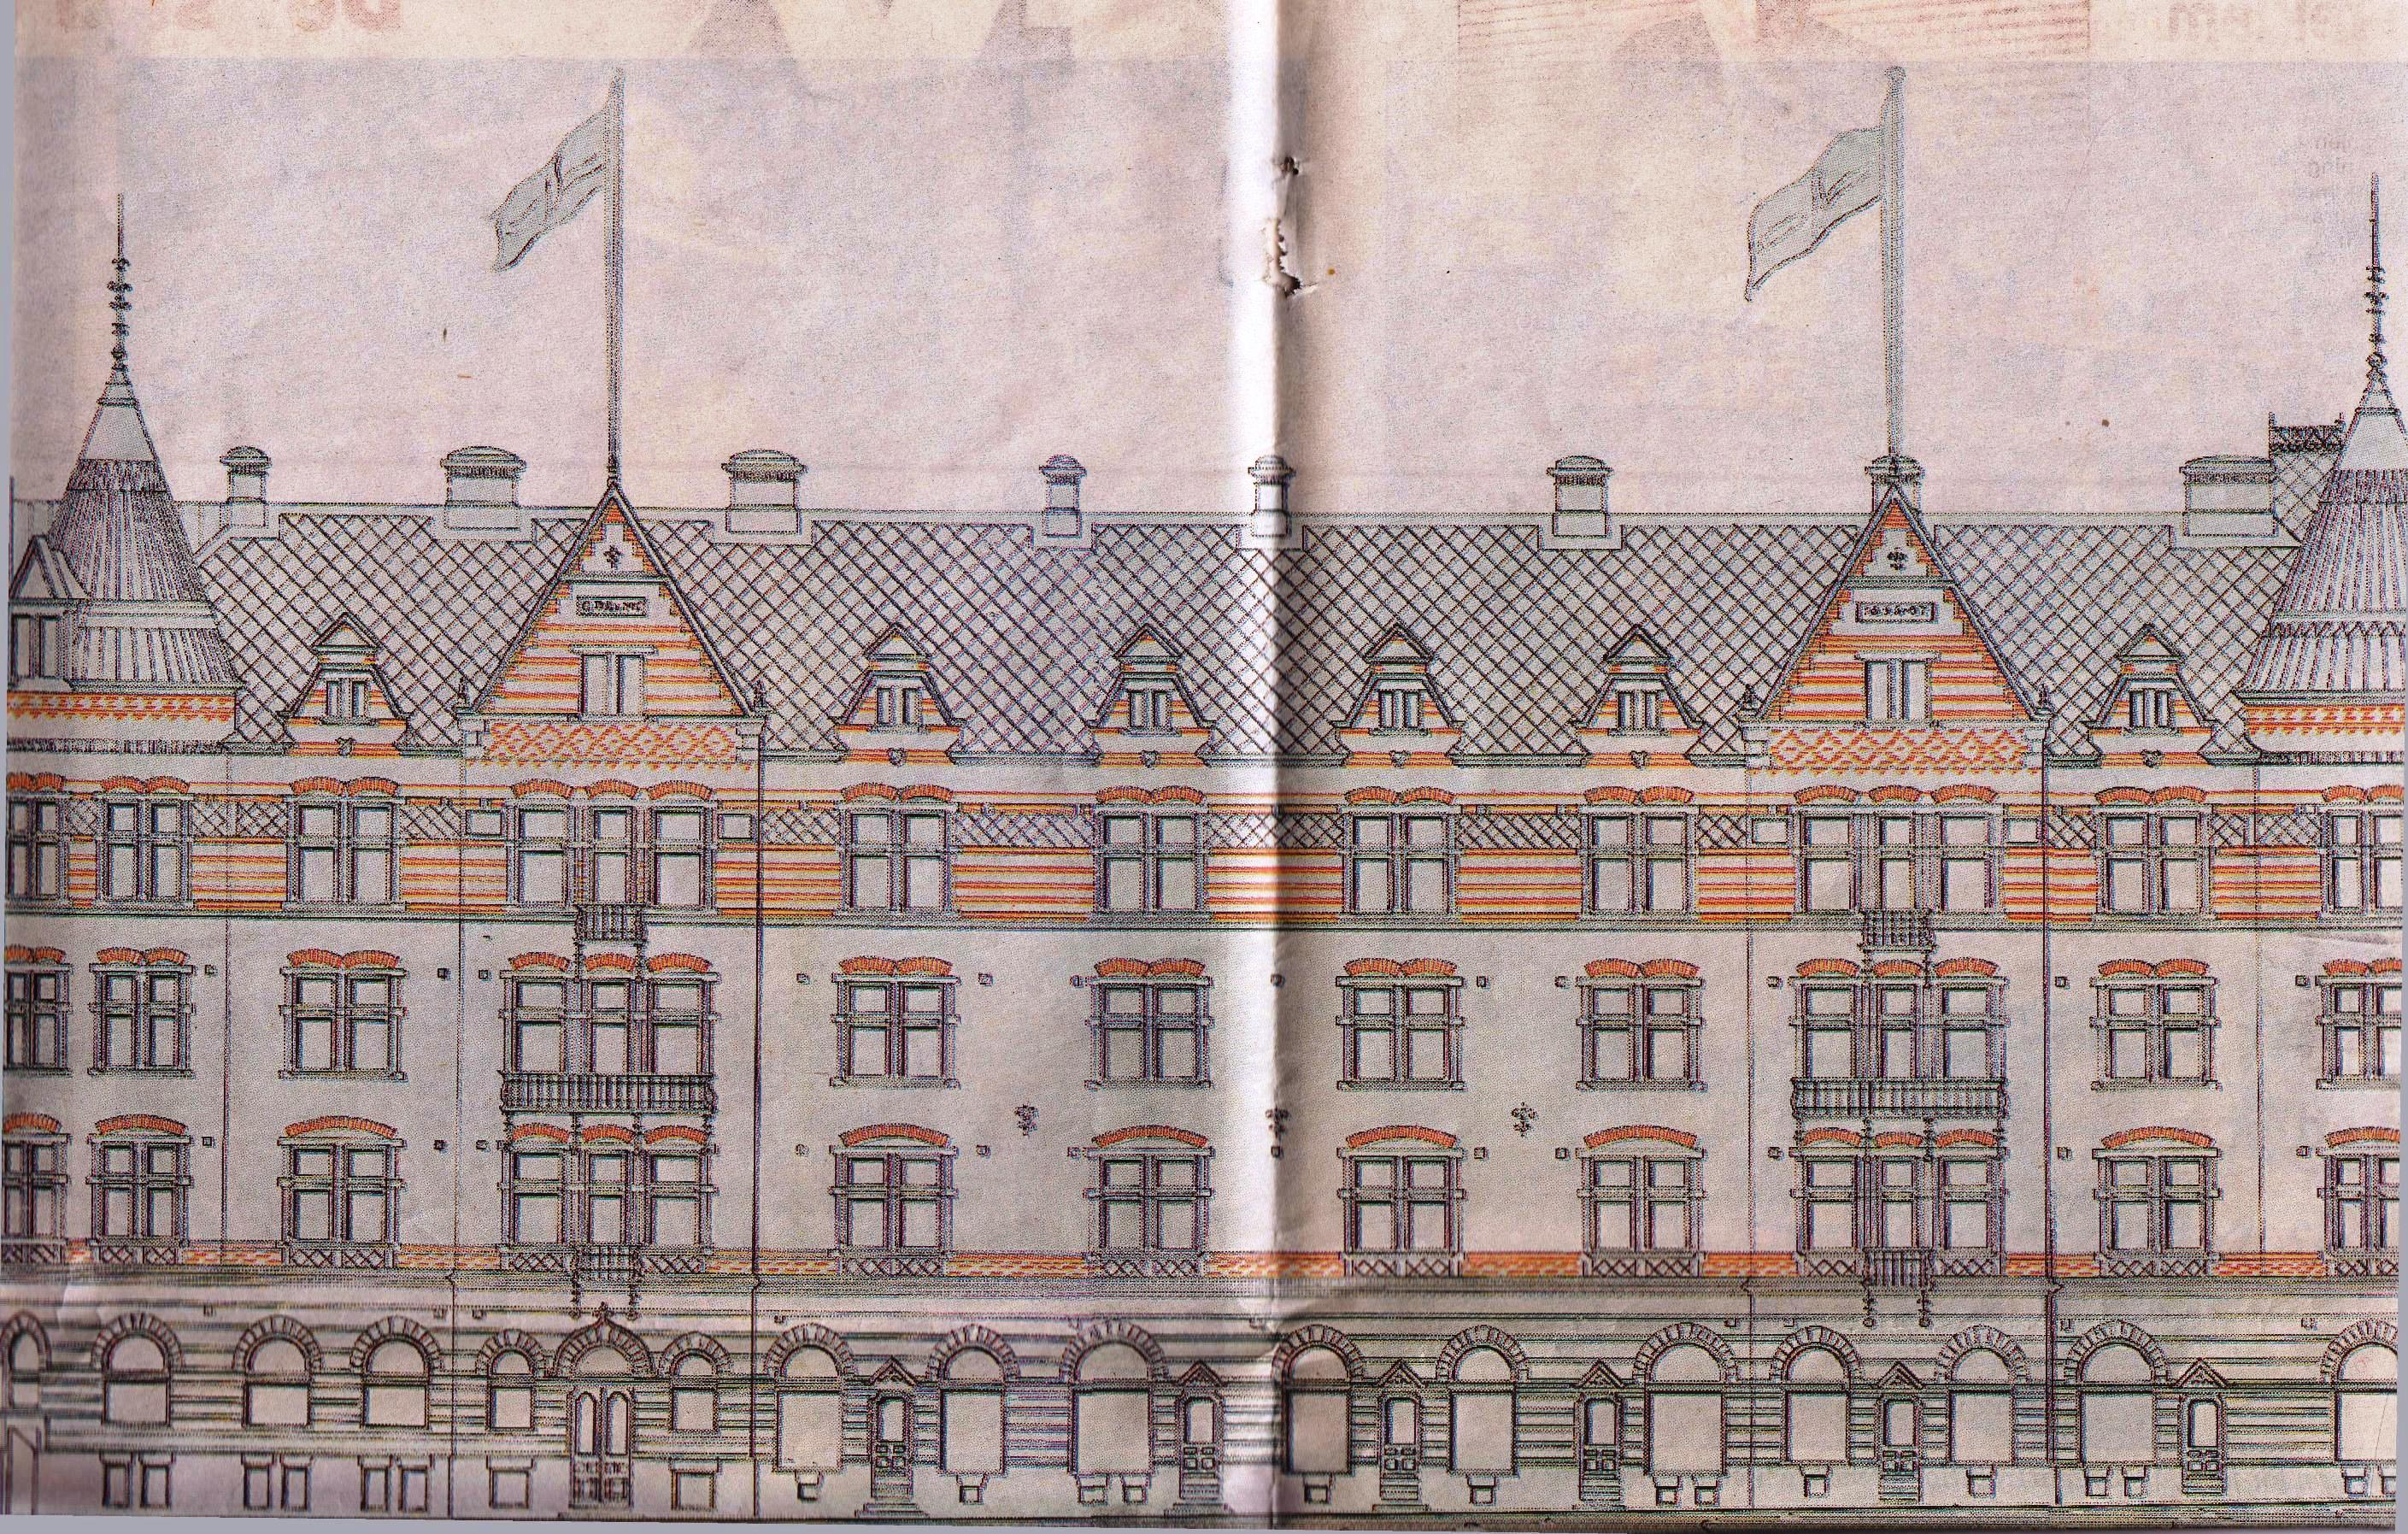 Dalapalatset i Gefle byggdes 1896-1899